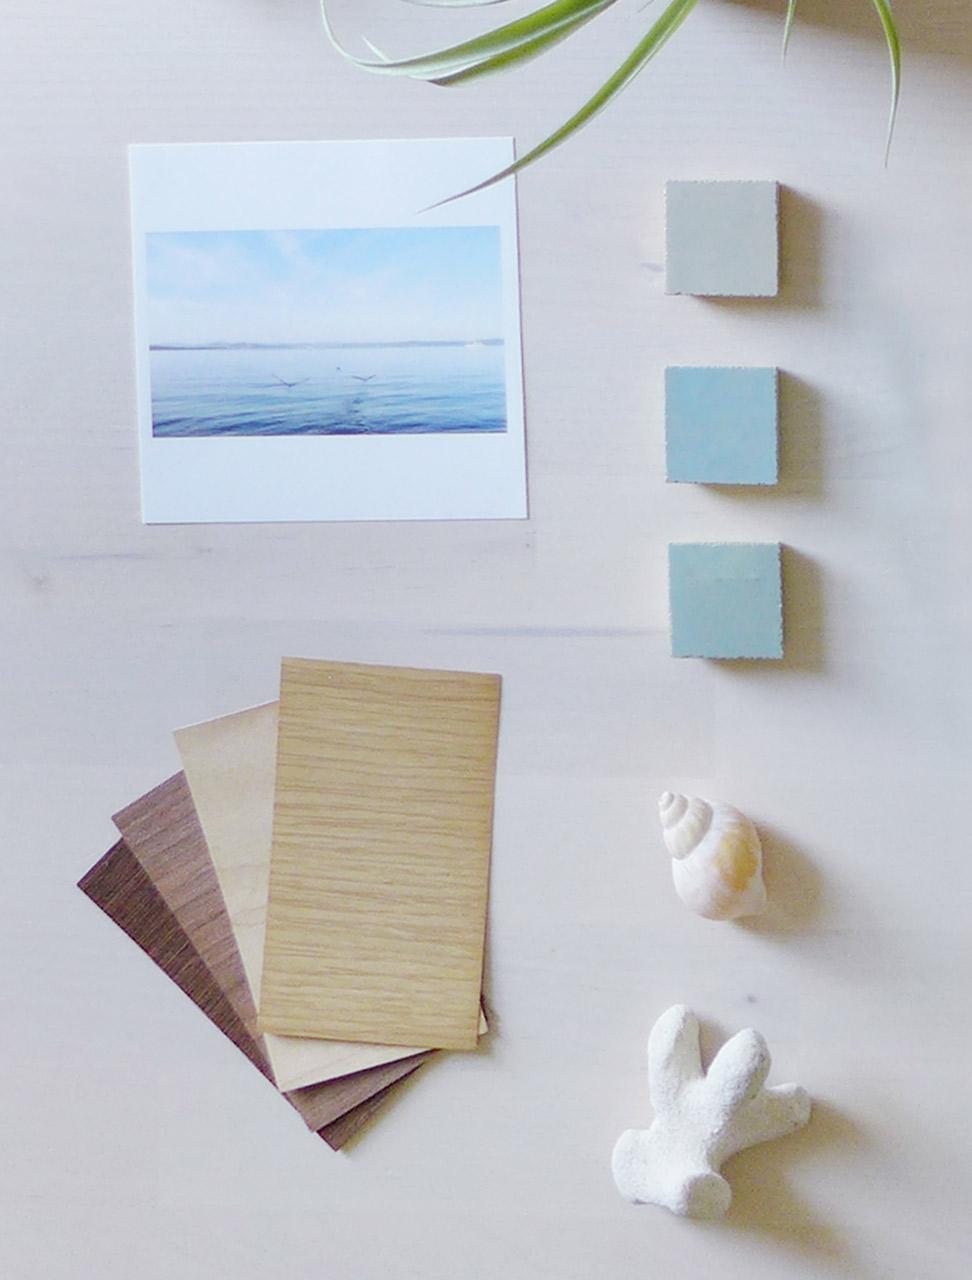 Illustration. Des échantillons de bois et de zelliges, un coquillage et du corail, une photo de la mer avec deux oiseaux prenant leur envole, sont disposés sur un fond en bois clair très nature.